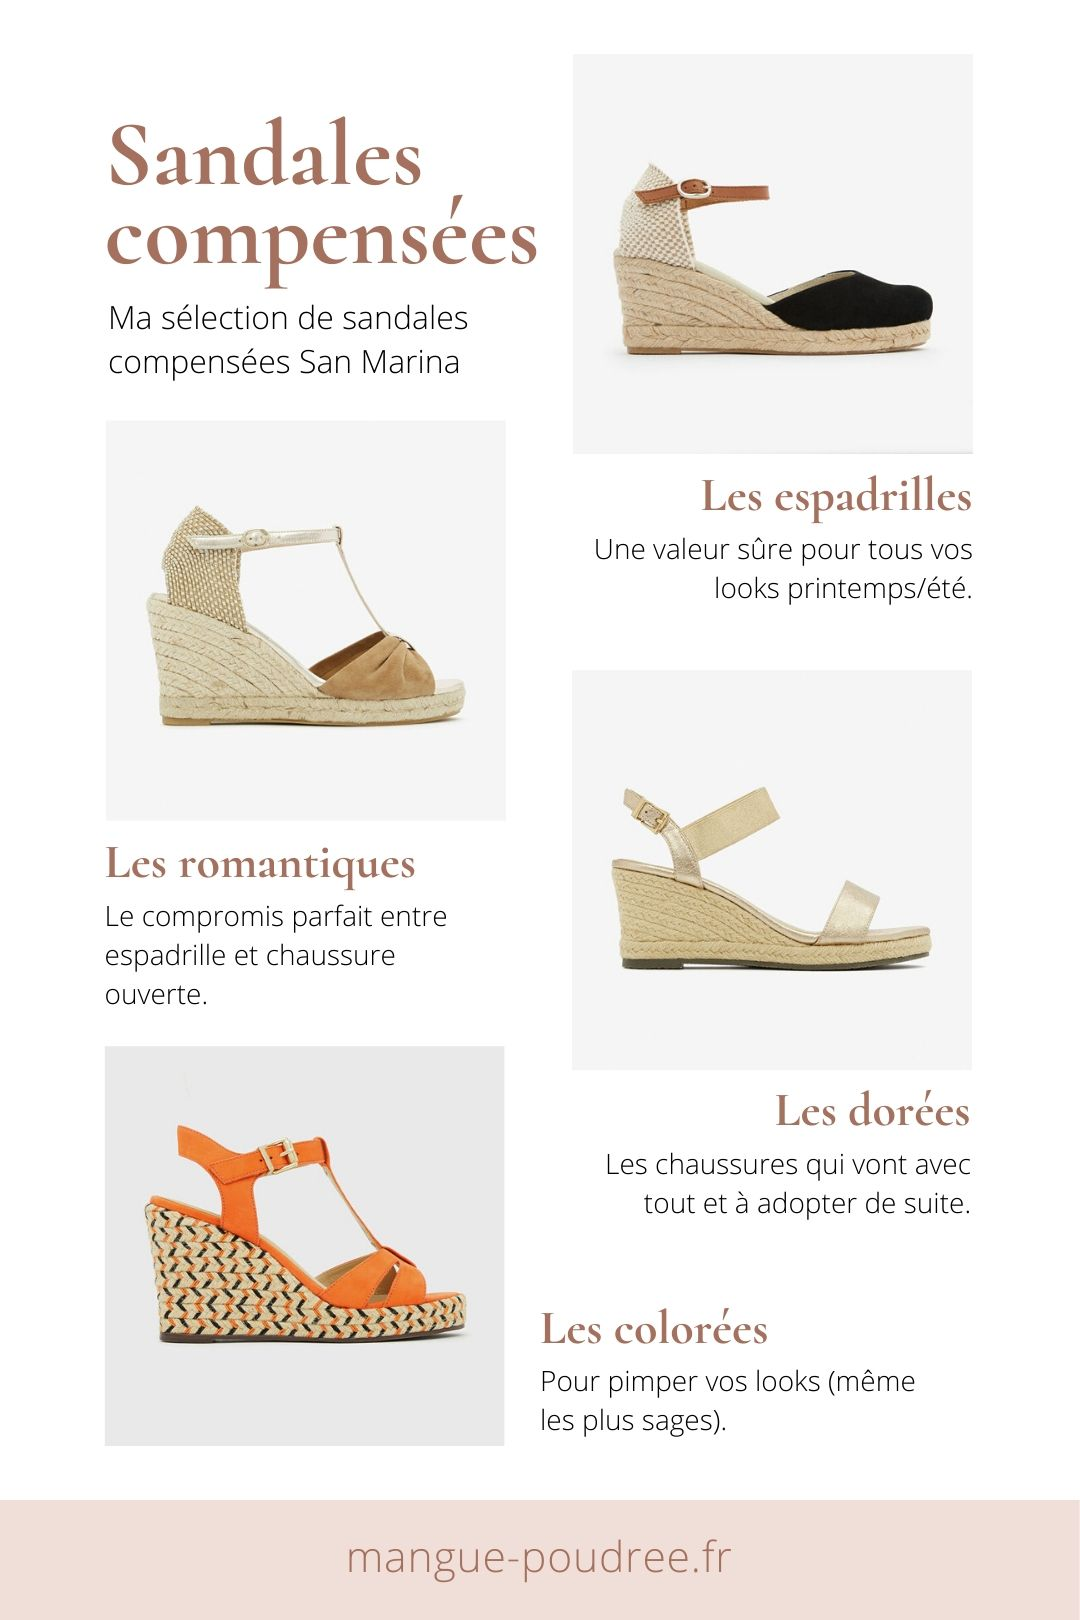 Sélection sandales compensées San Marina - Blog Mangue Poudrée - Blog mode et lifestyle à Reims Paris influenceuse - www.mangue-poudree.fr